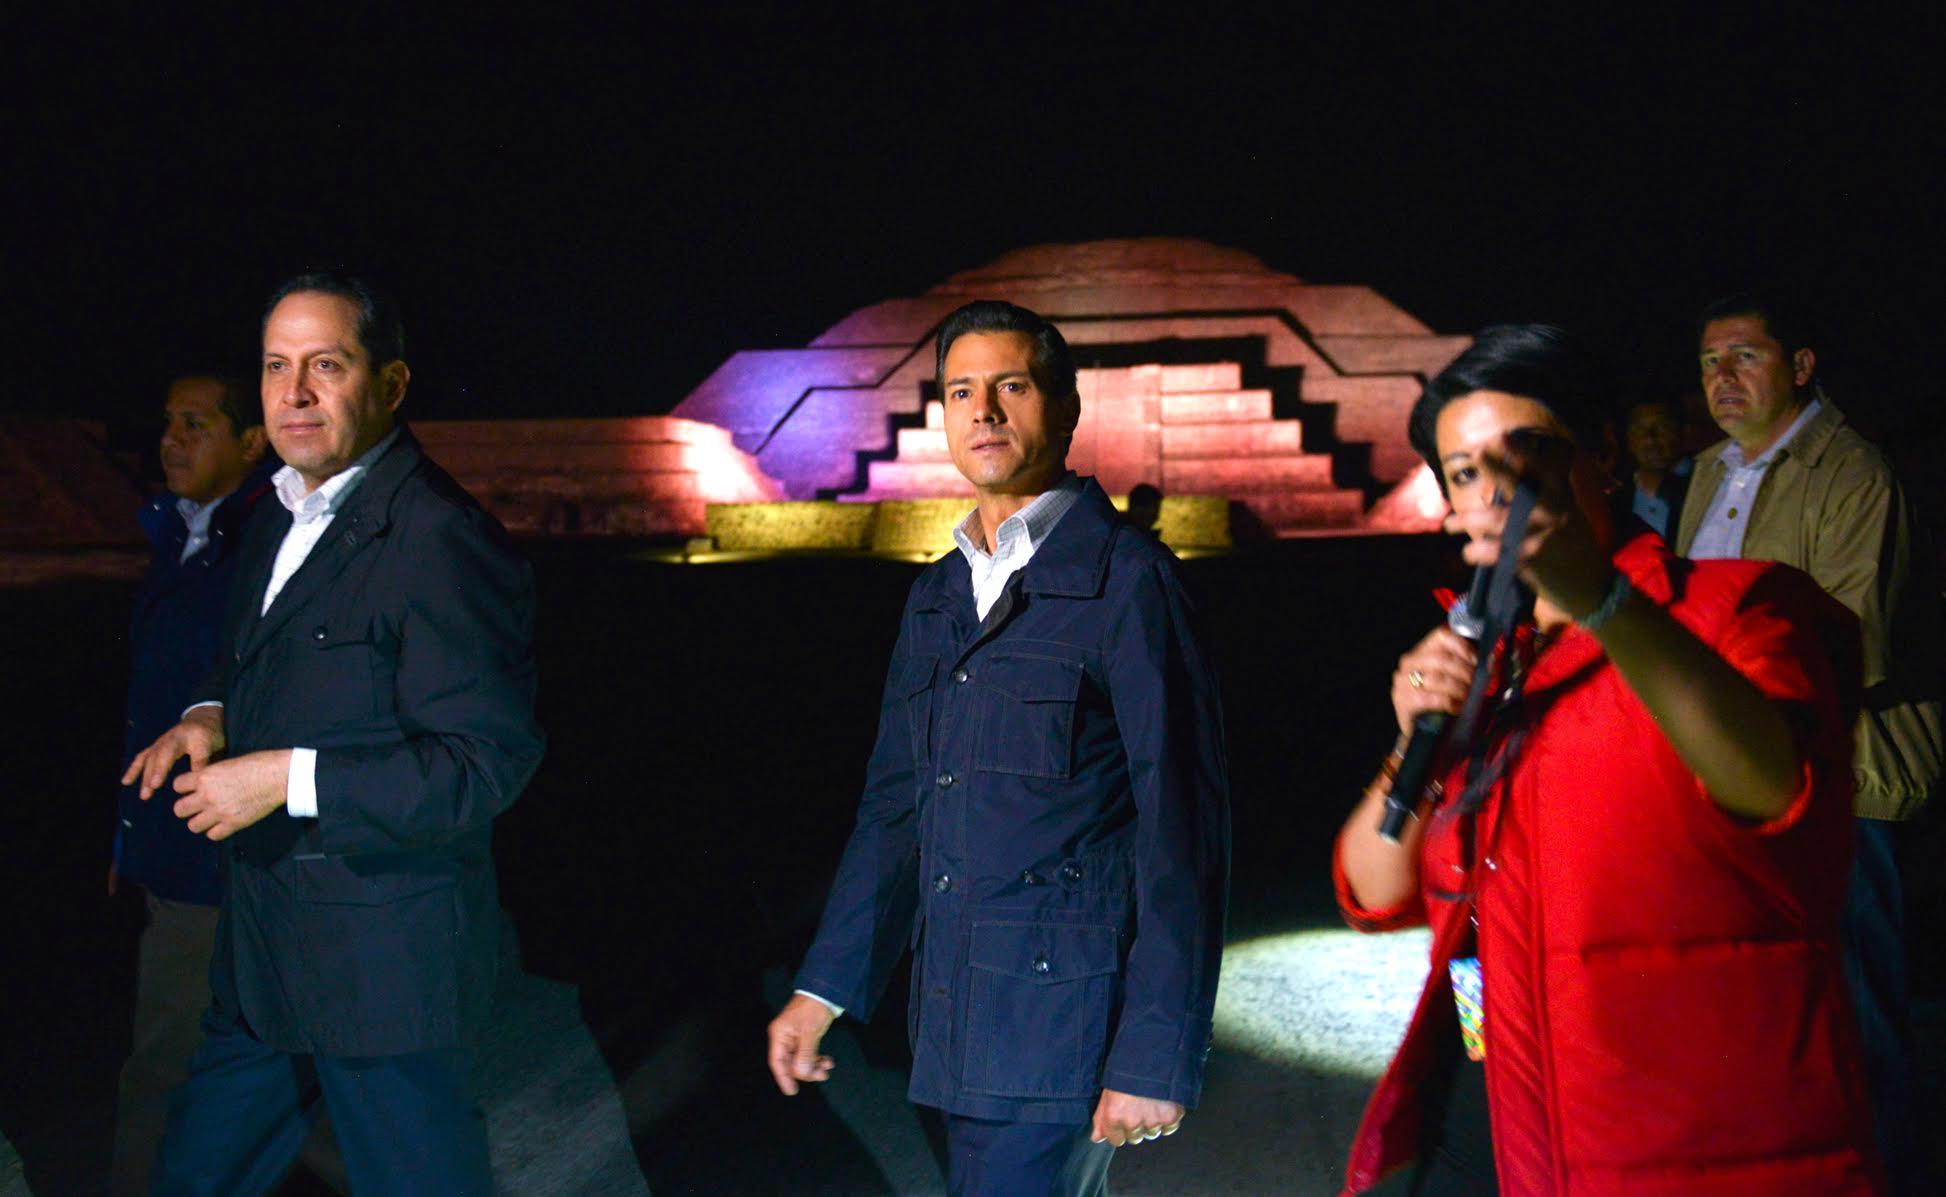 """Presidente Enrique Peña Nieto recorre el espectáculo """"Experiencia Nocturna en Teotihuacán""""."""